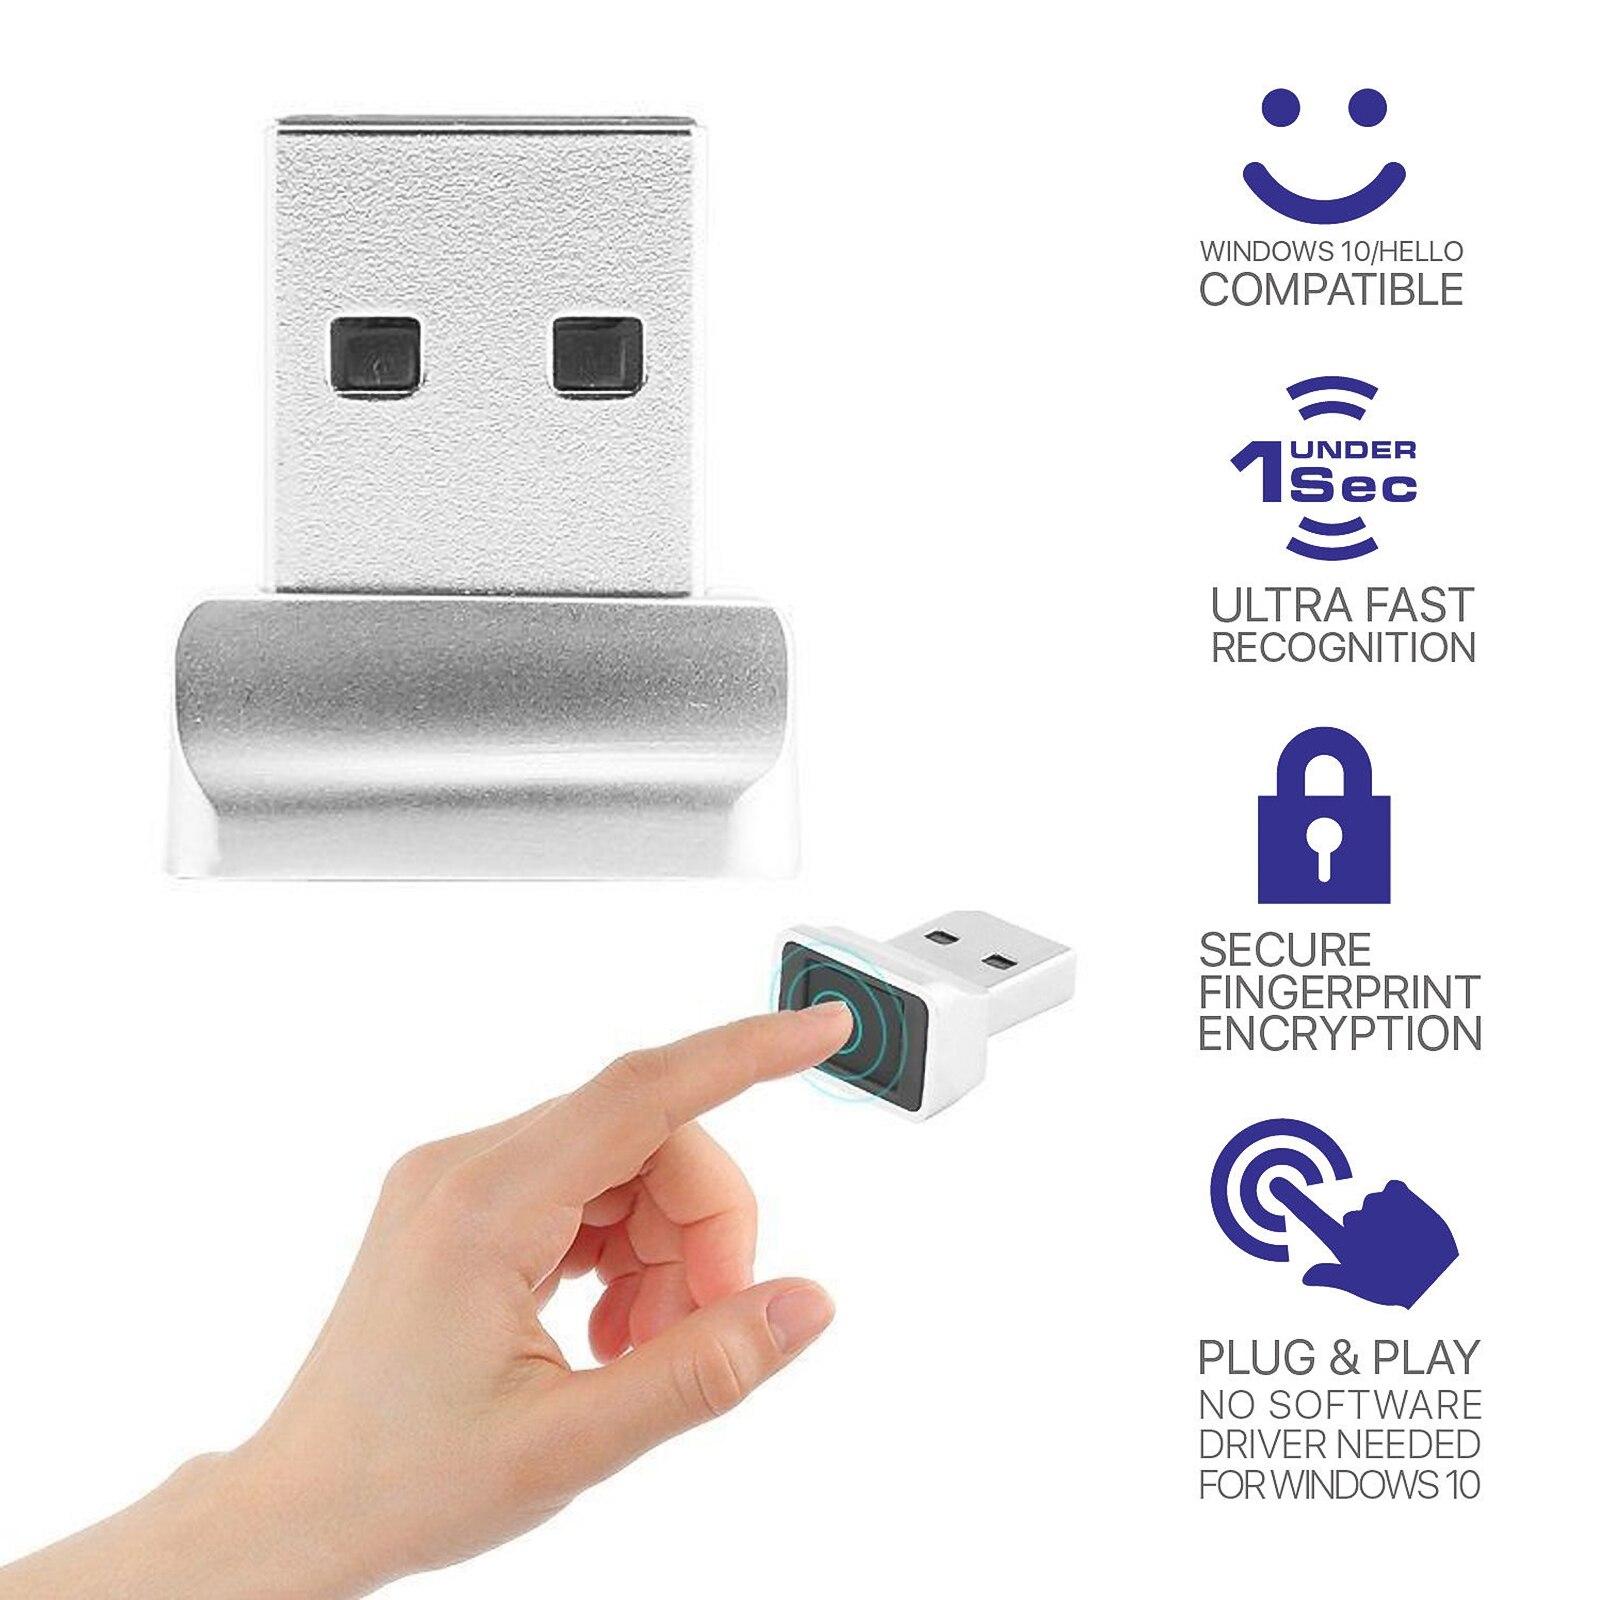 قارئ صغير للكمبيوتر المحمول ، واجهة USB ، ماسح بصمات الأصابع ، التعرف على مستشعر مفتاح الأمان خلال 0.15 ثانية